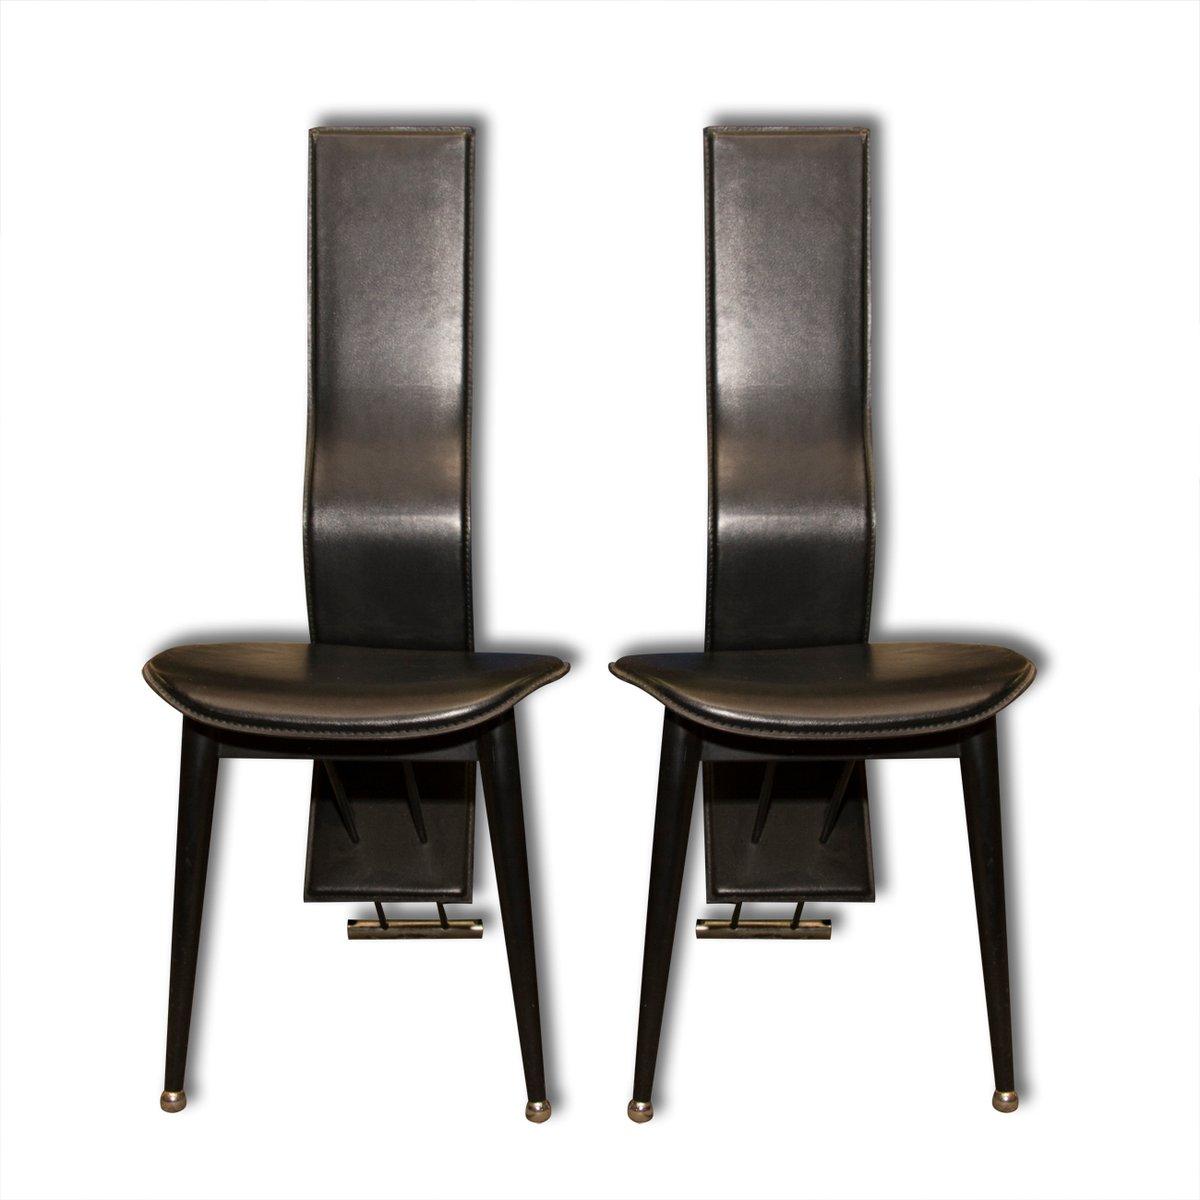 Sedie da pranzo vintage in pelle nera italia anni 39 80 for Sedie design italia